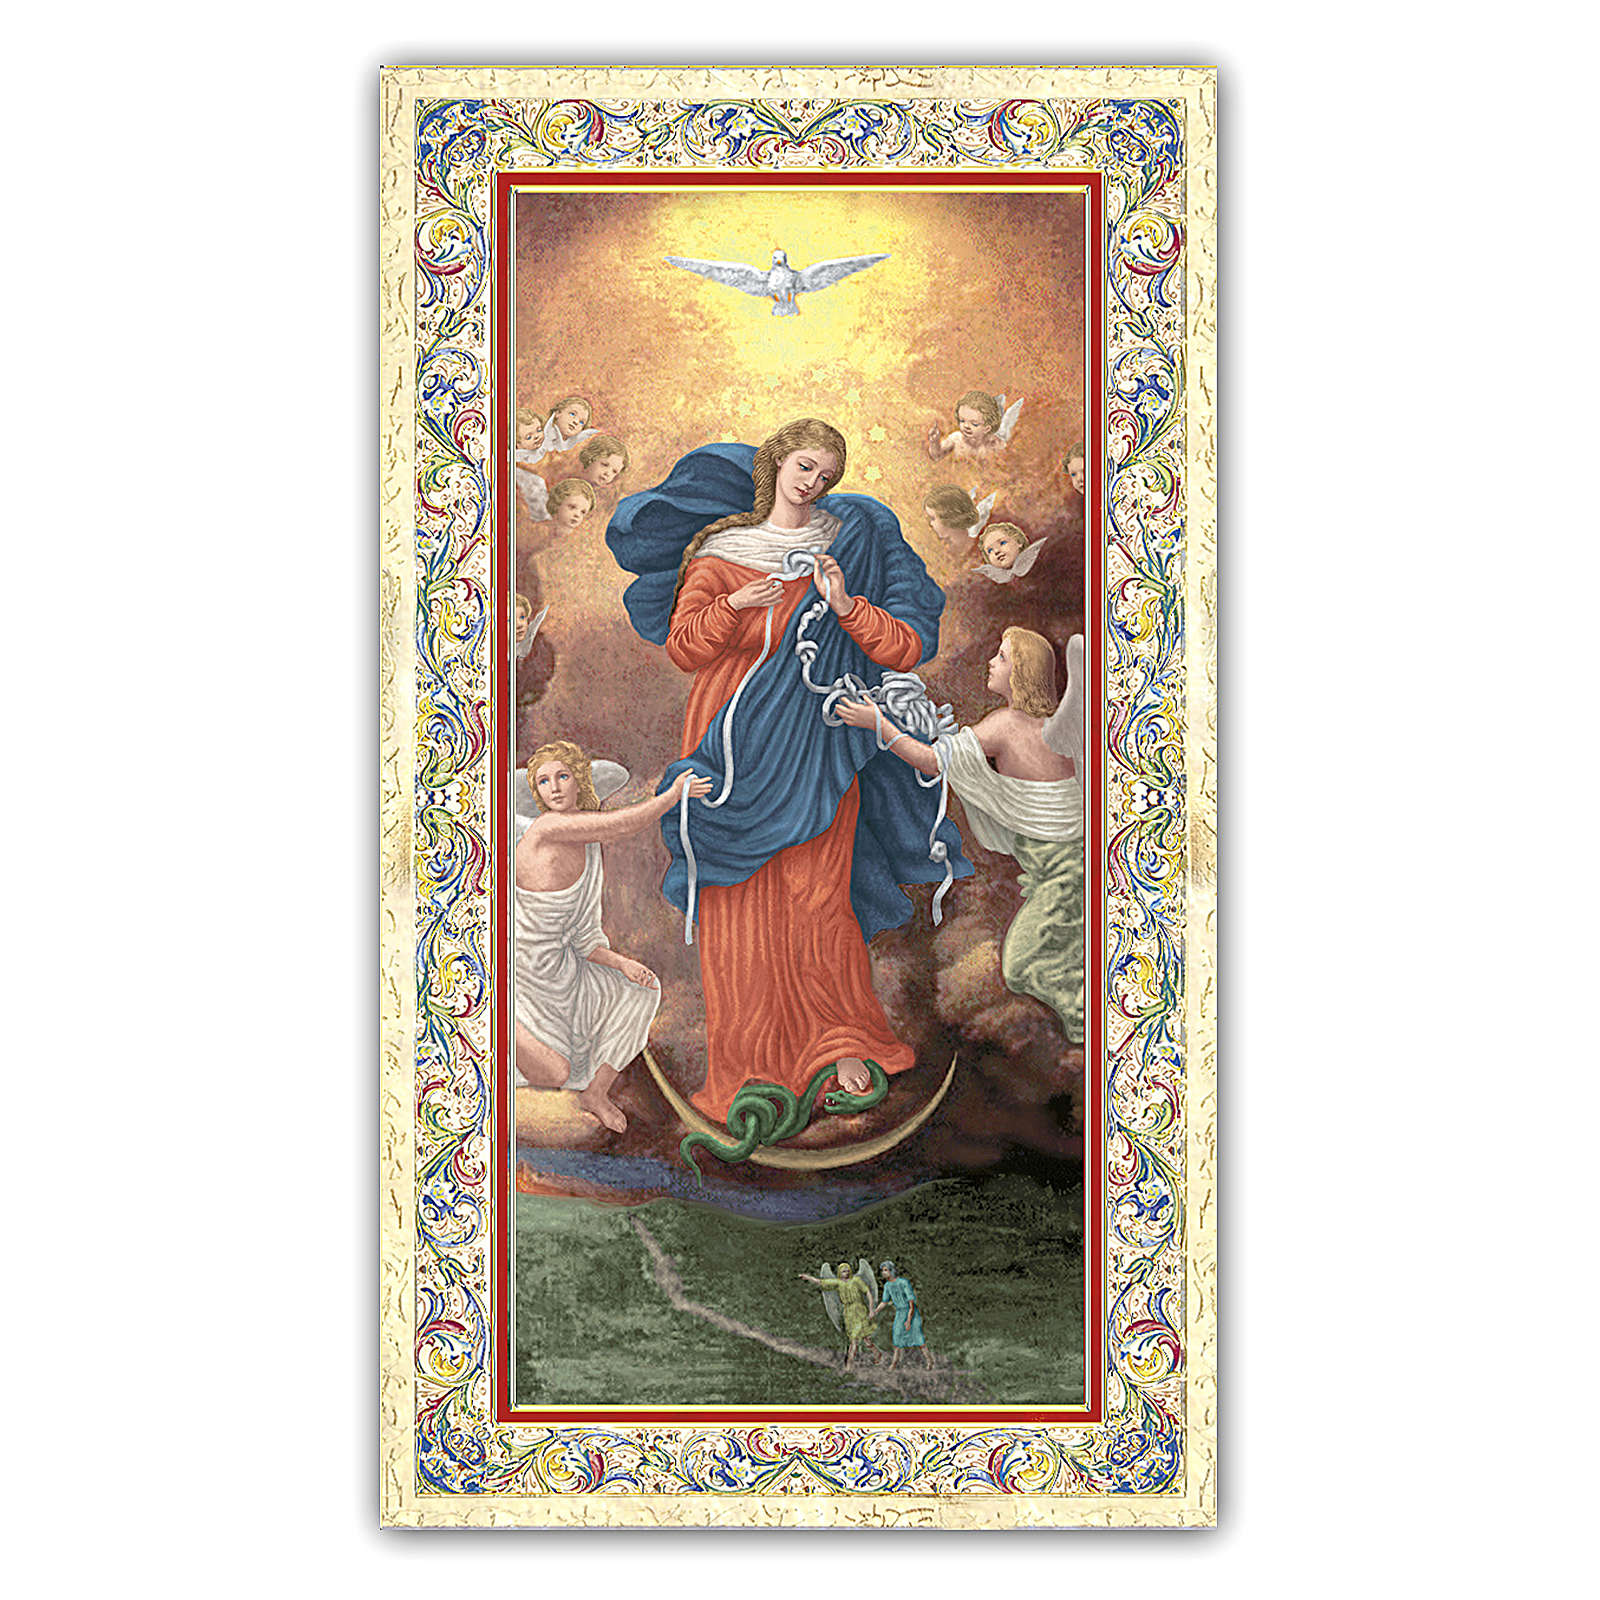 Obrazek Maria rozwiązująca węzły 10x5 cm 4